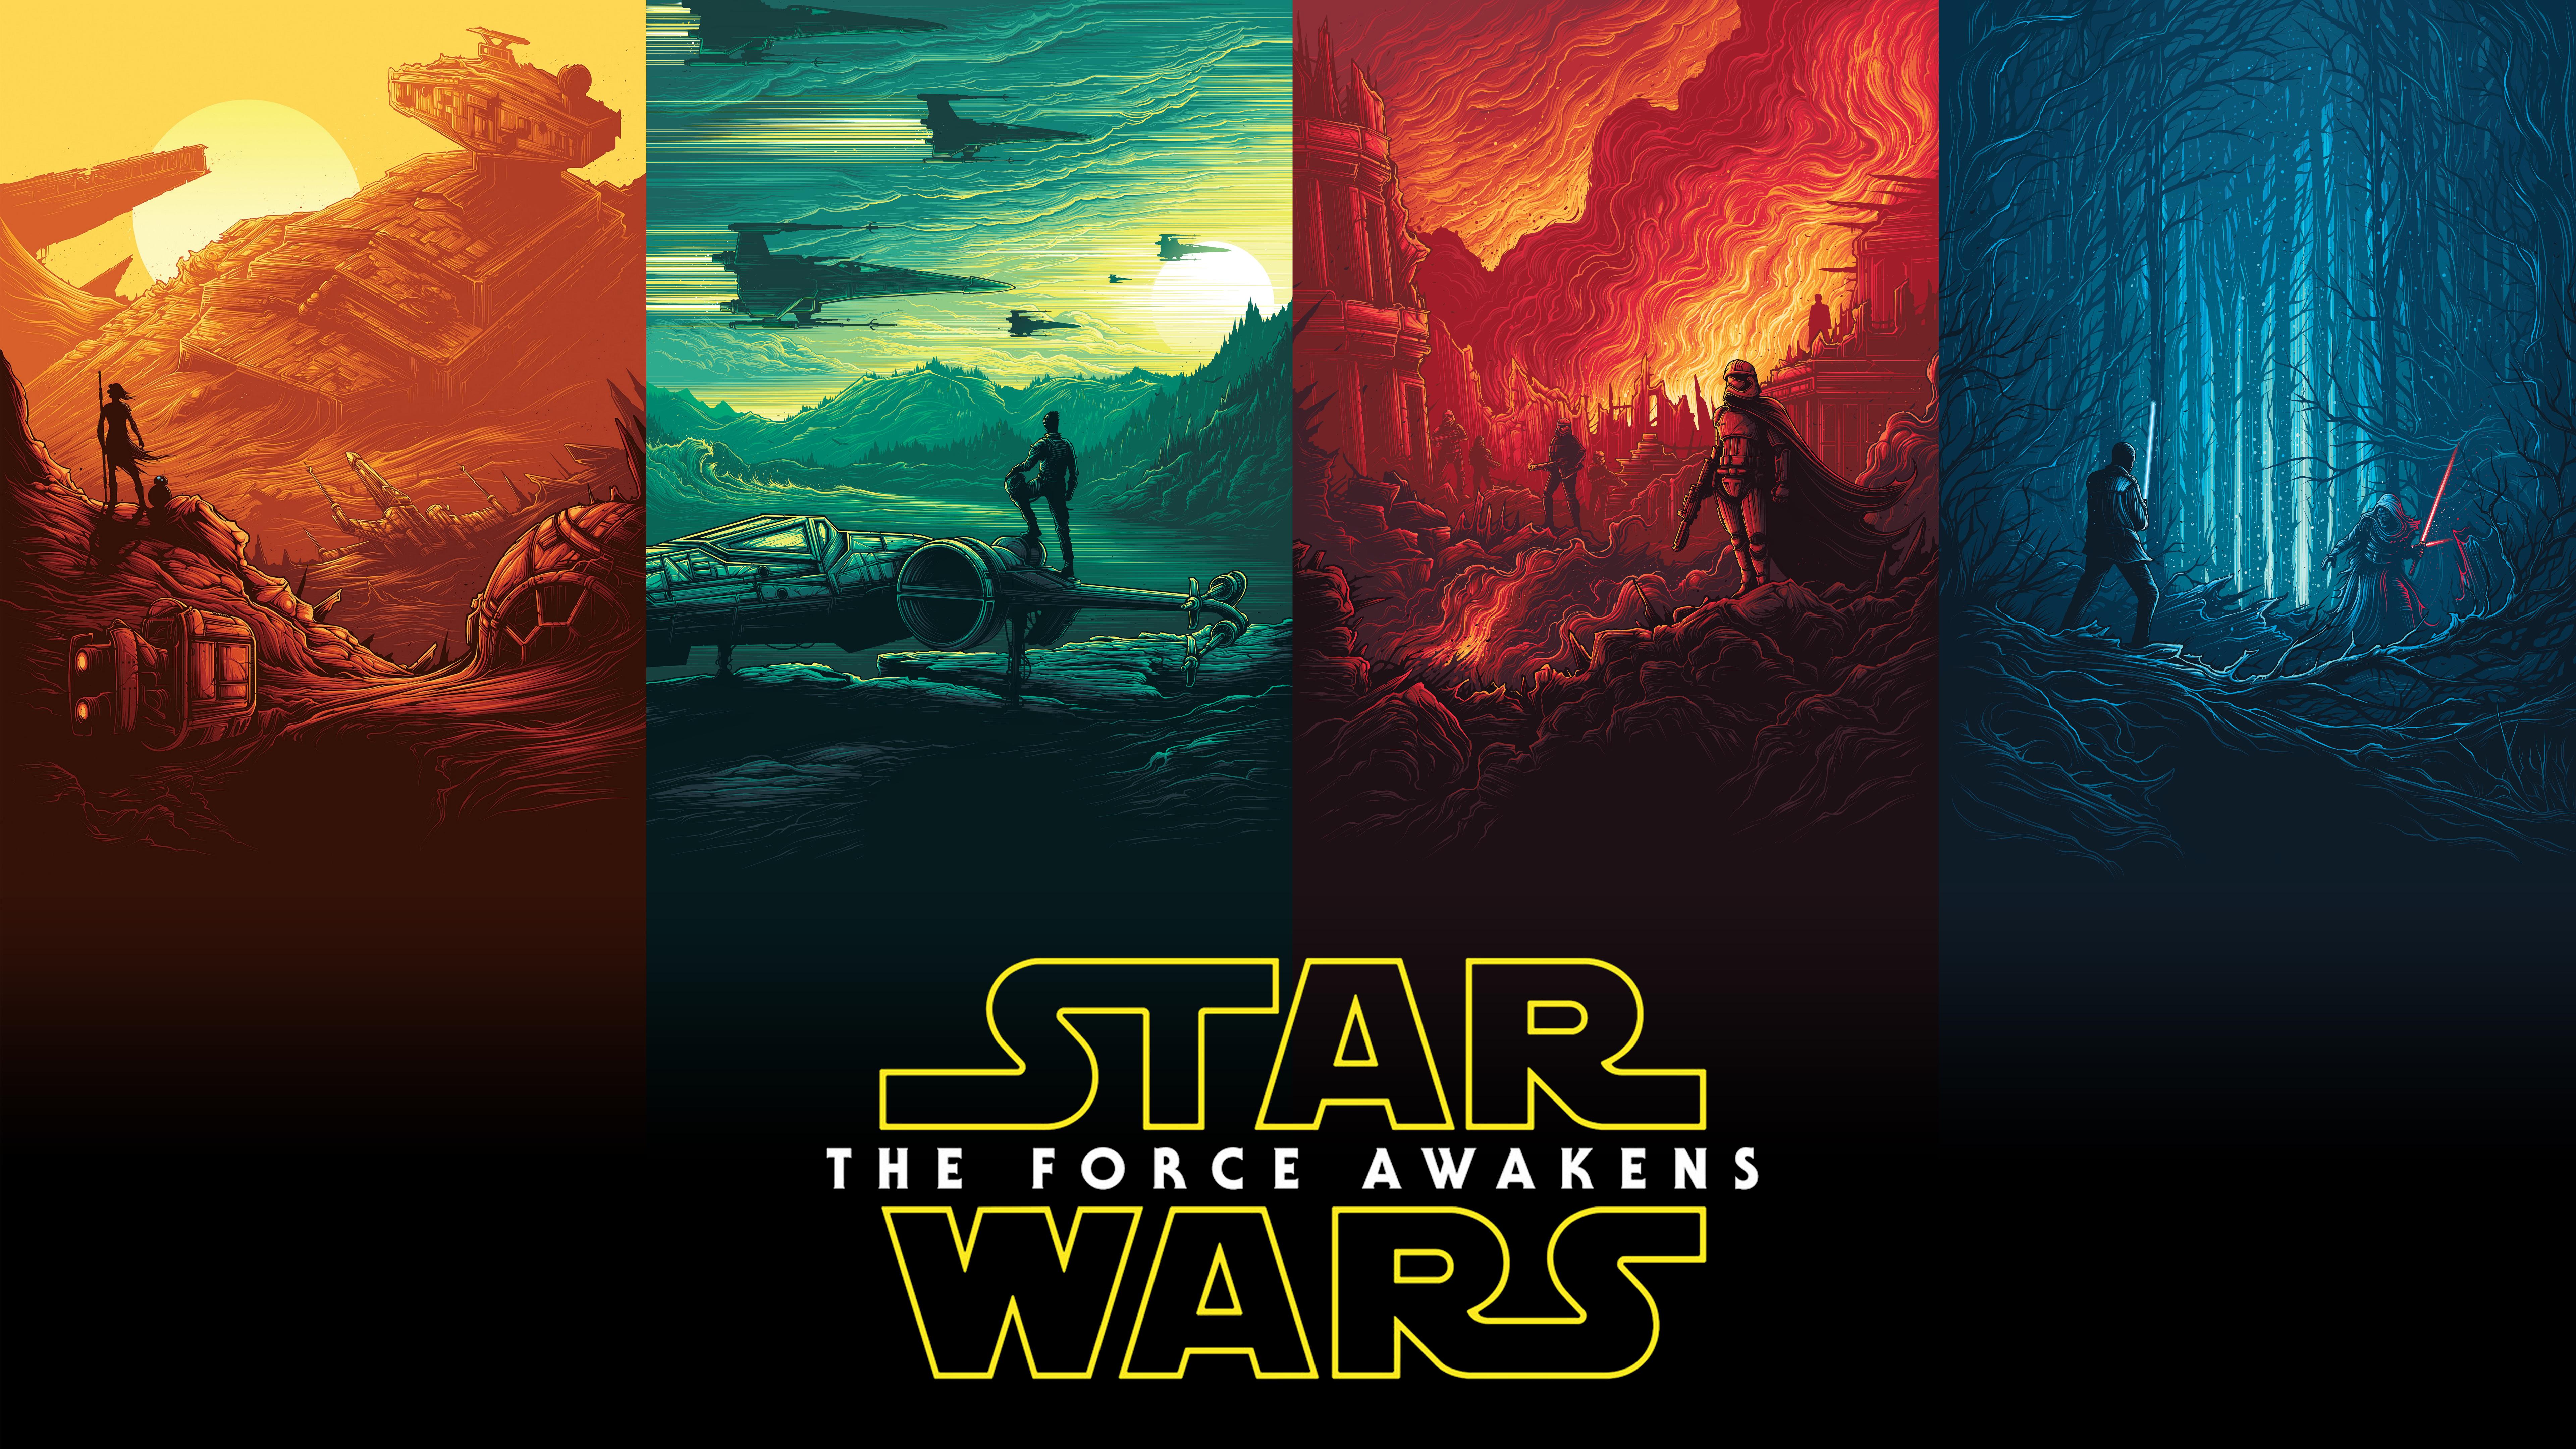 Rey Finn Kylo Ren Han Solo Luke Skywalker Star Wars Wallpaper DESKTOP 7680x4320